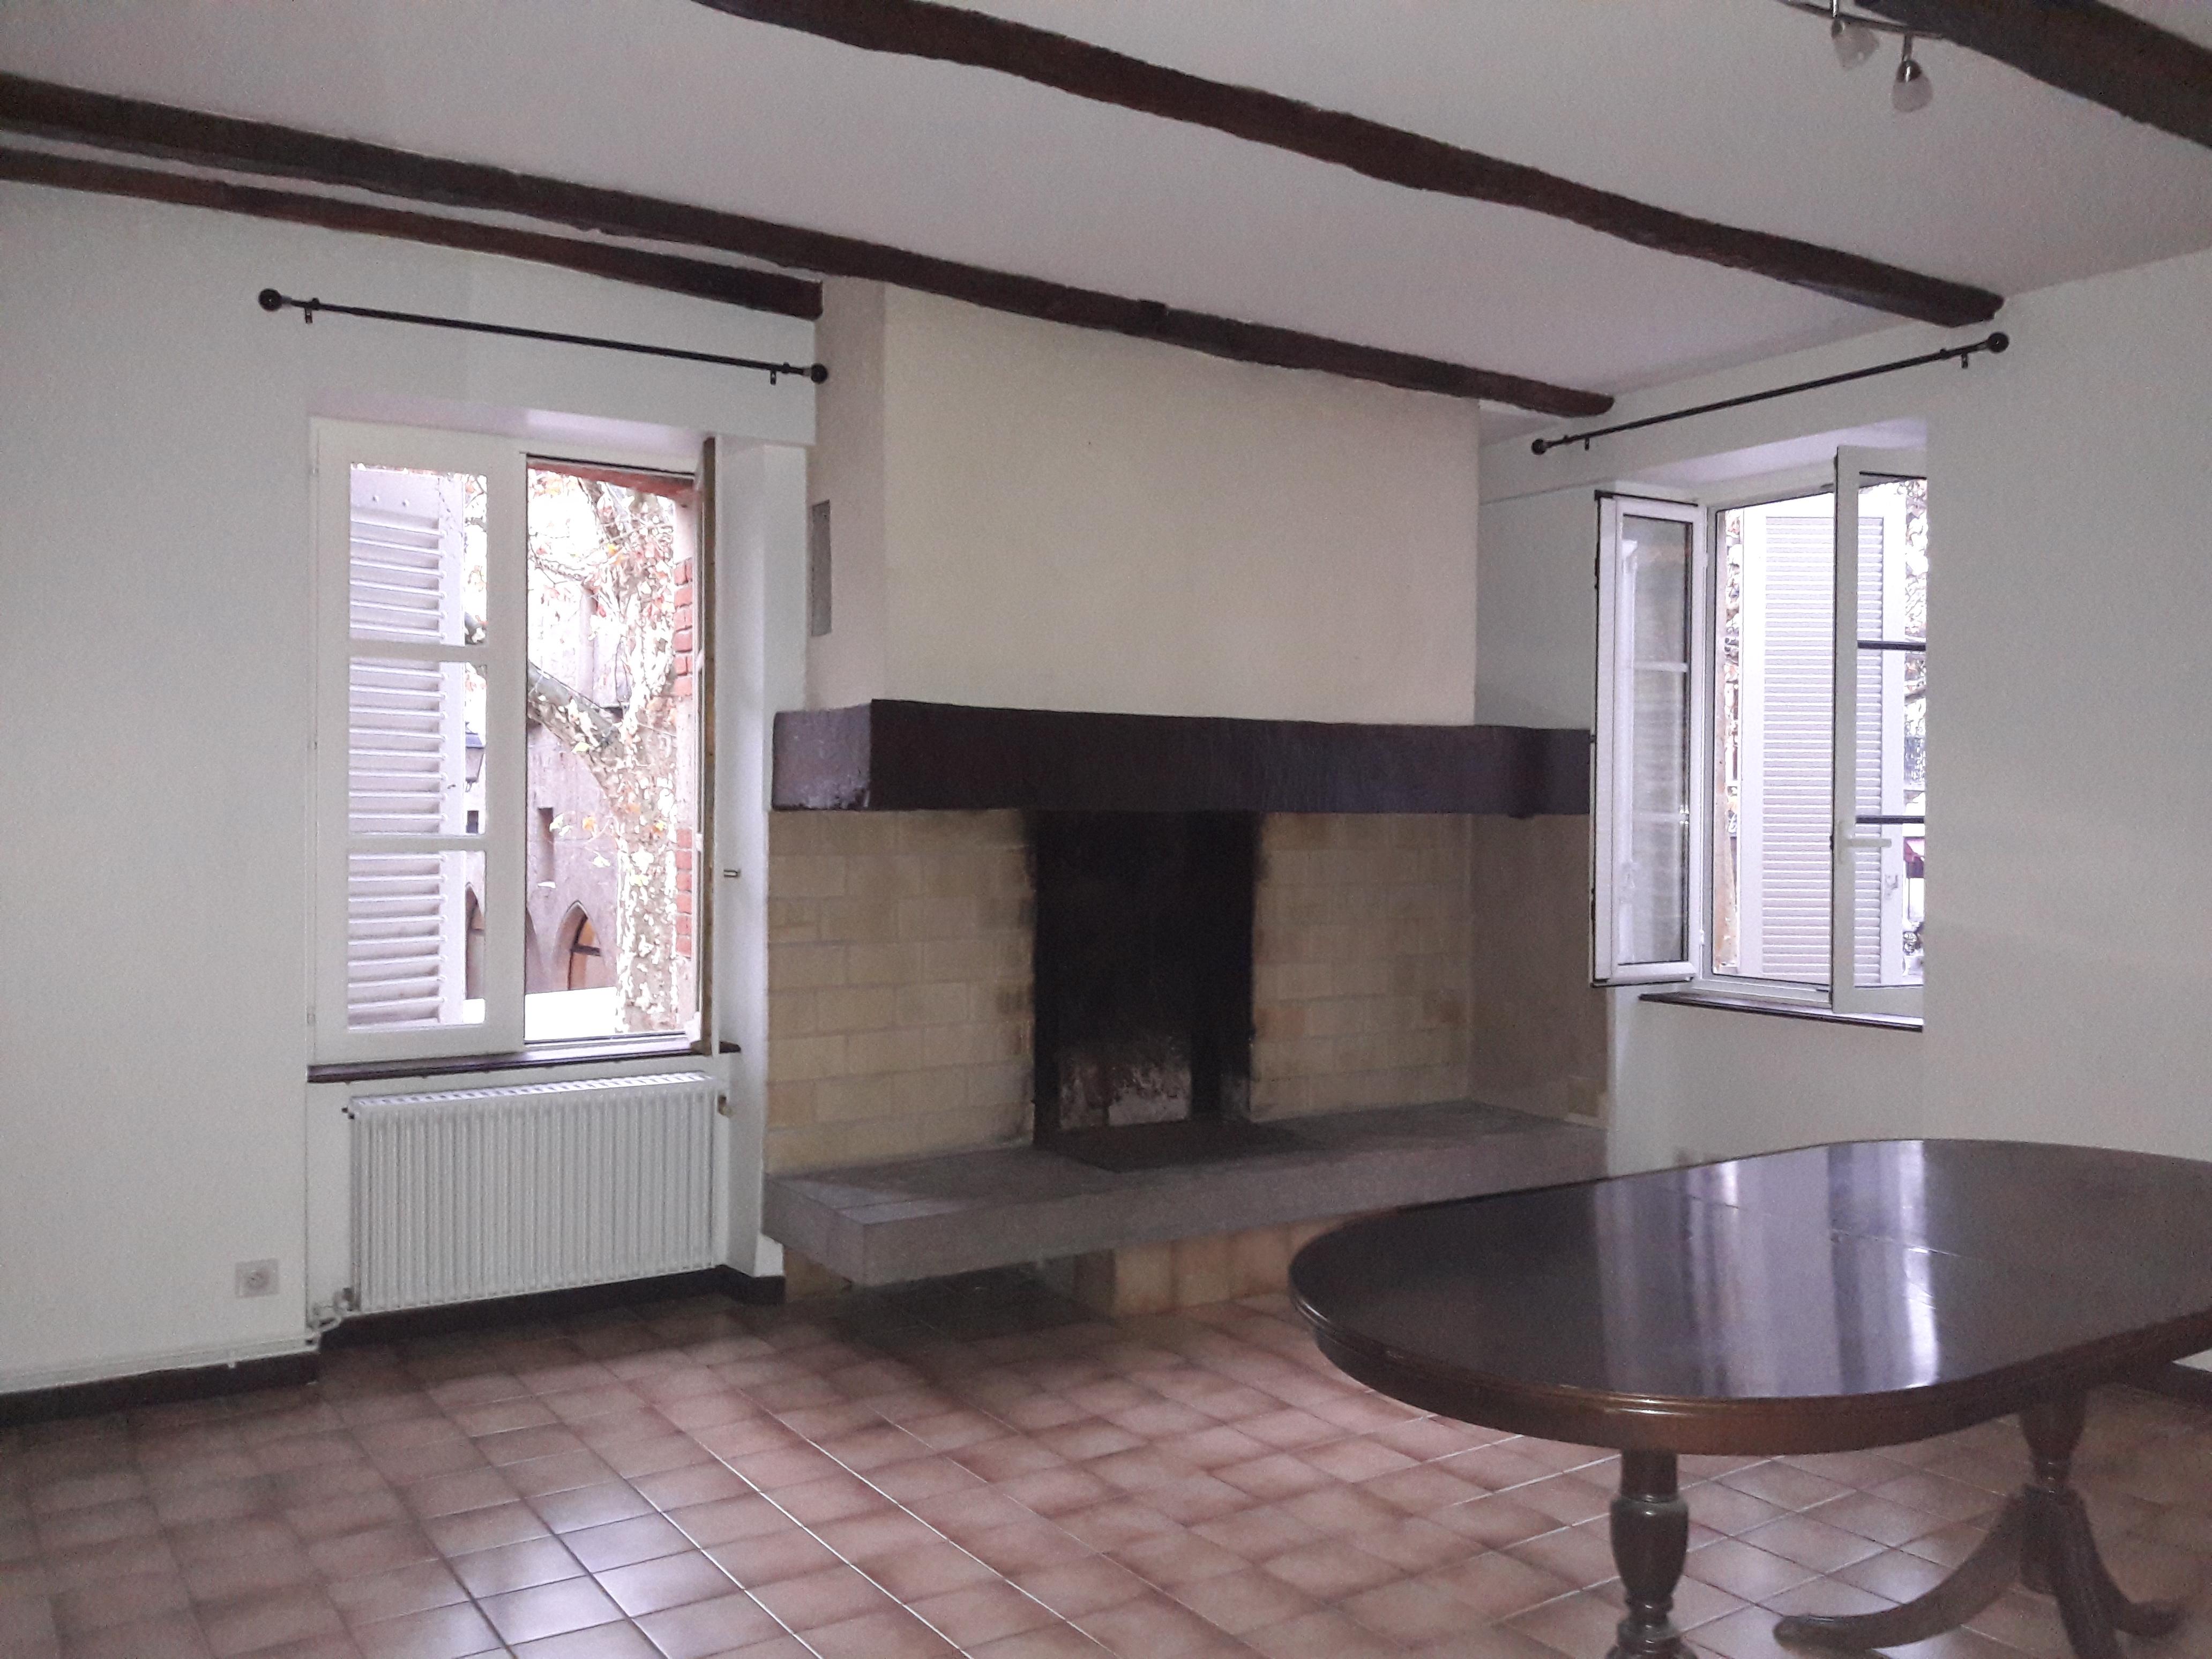 Appartement T3 avec terrasse entièrement rénové à louer au centre de Figeac